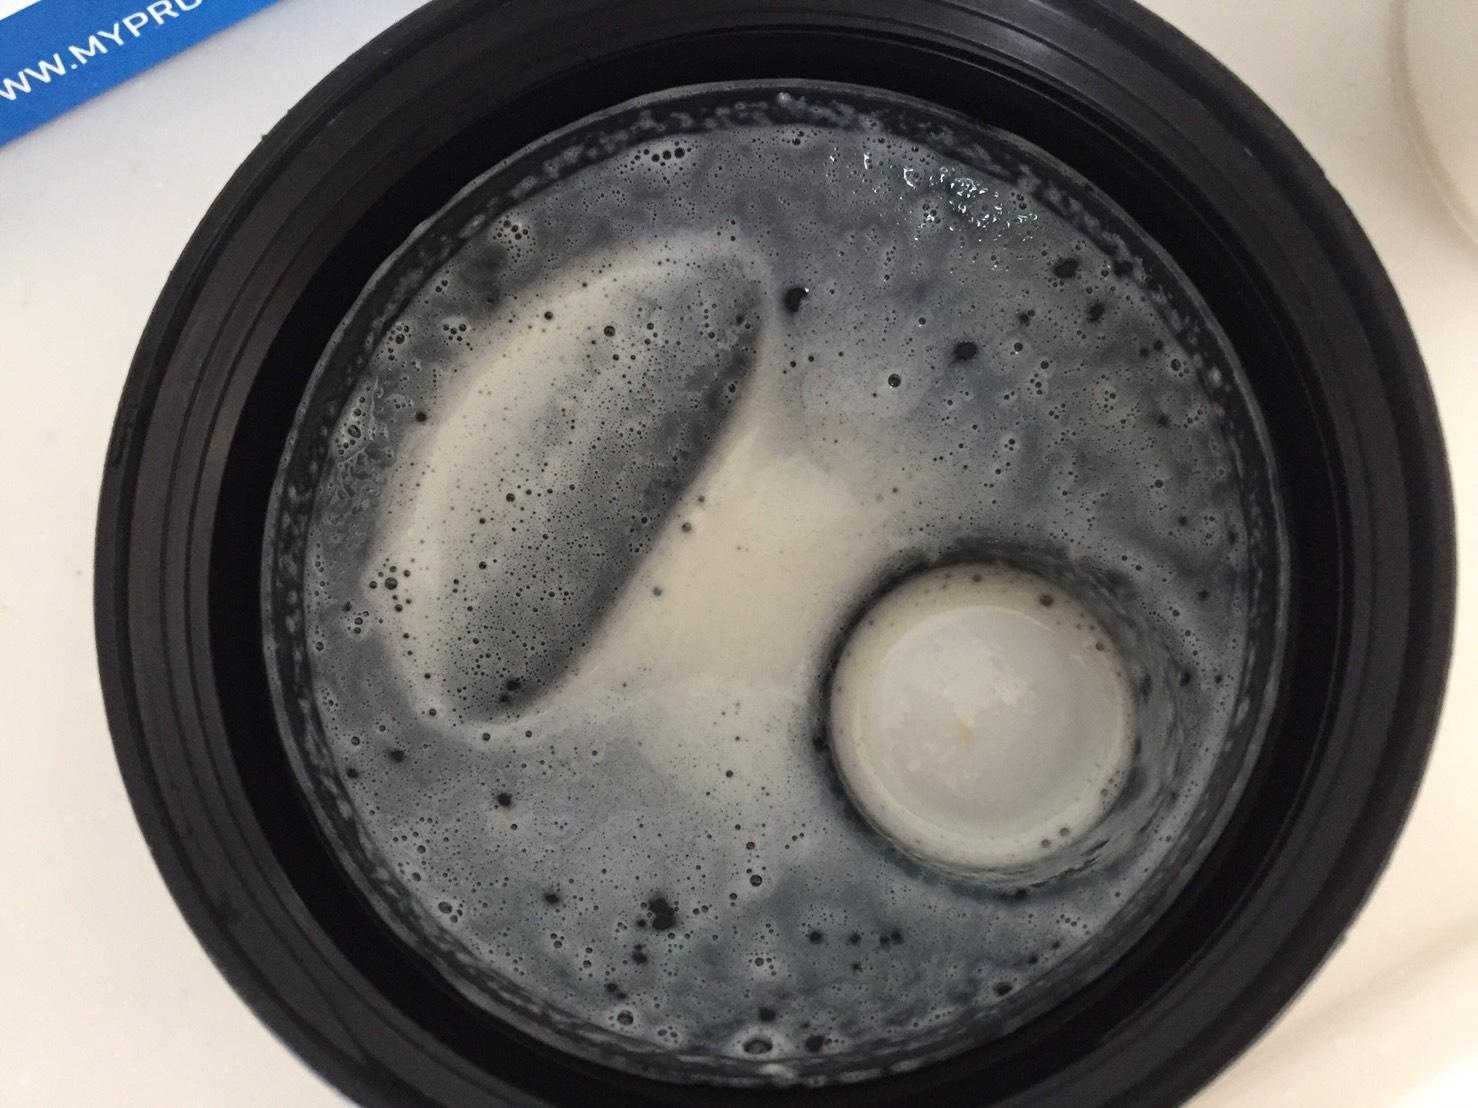 【WPC】Impactホエイプロテイン「Natural Vanilla(ナチュラルバニラ味)」を牛乳で溶かした時の様子。蓋側